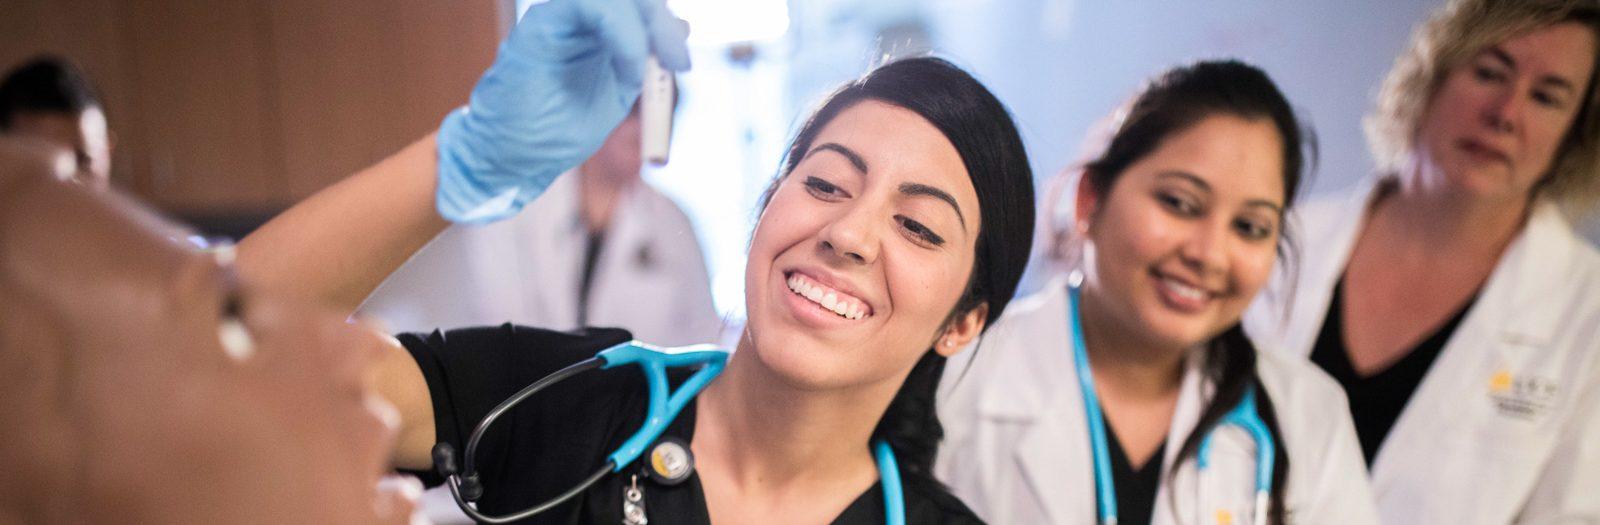 Ucf Nurse Spring 2020.Bachelor S Degrees Ucf College Of Nursing